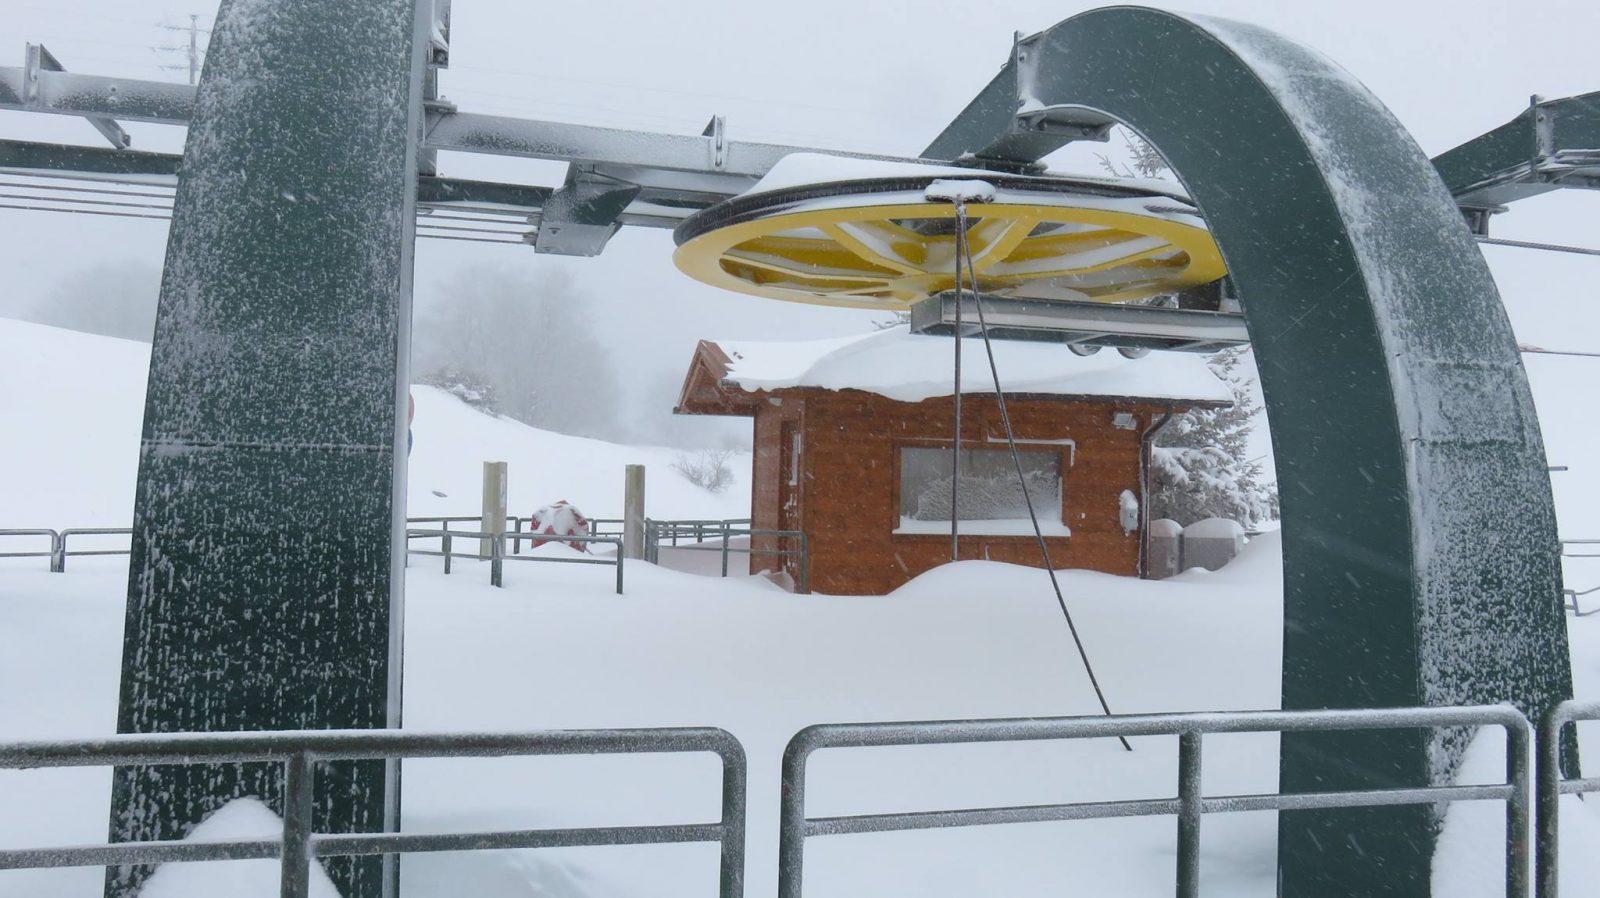 Situazione neve a Monte Piselli - credits impianti sciistico Monte Piselli